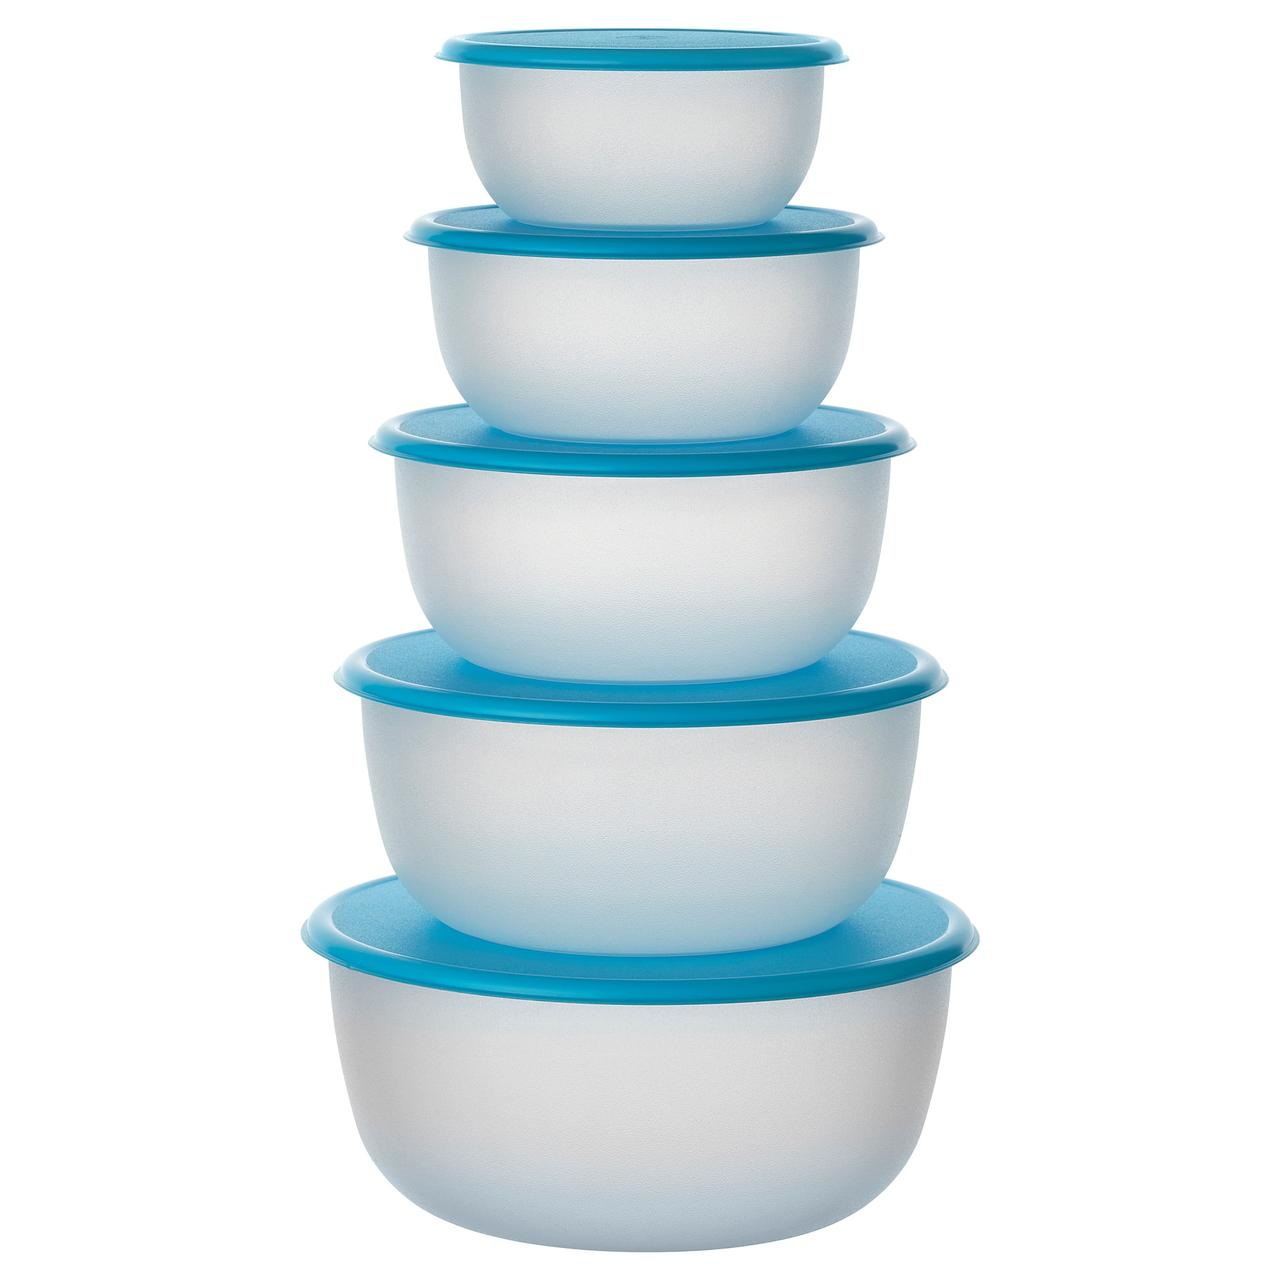 РЕДА Набор контейнеров, 5 шт., круглой формы синий